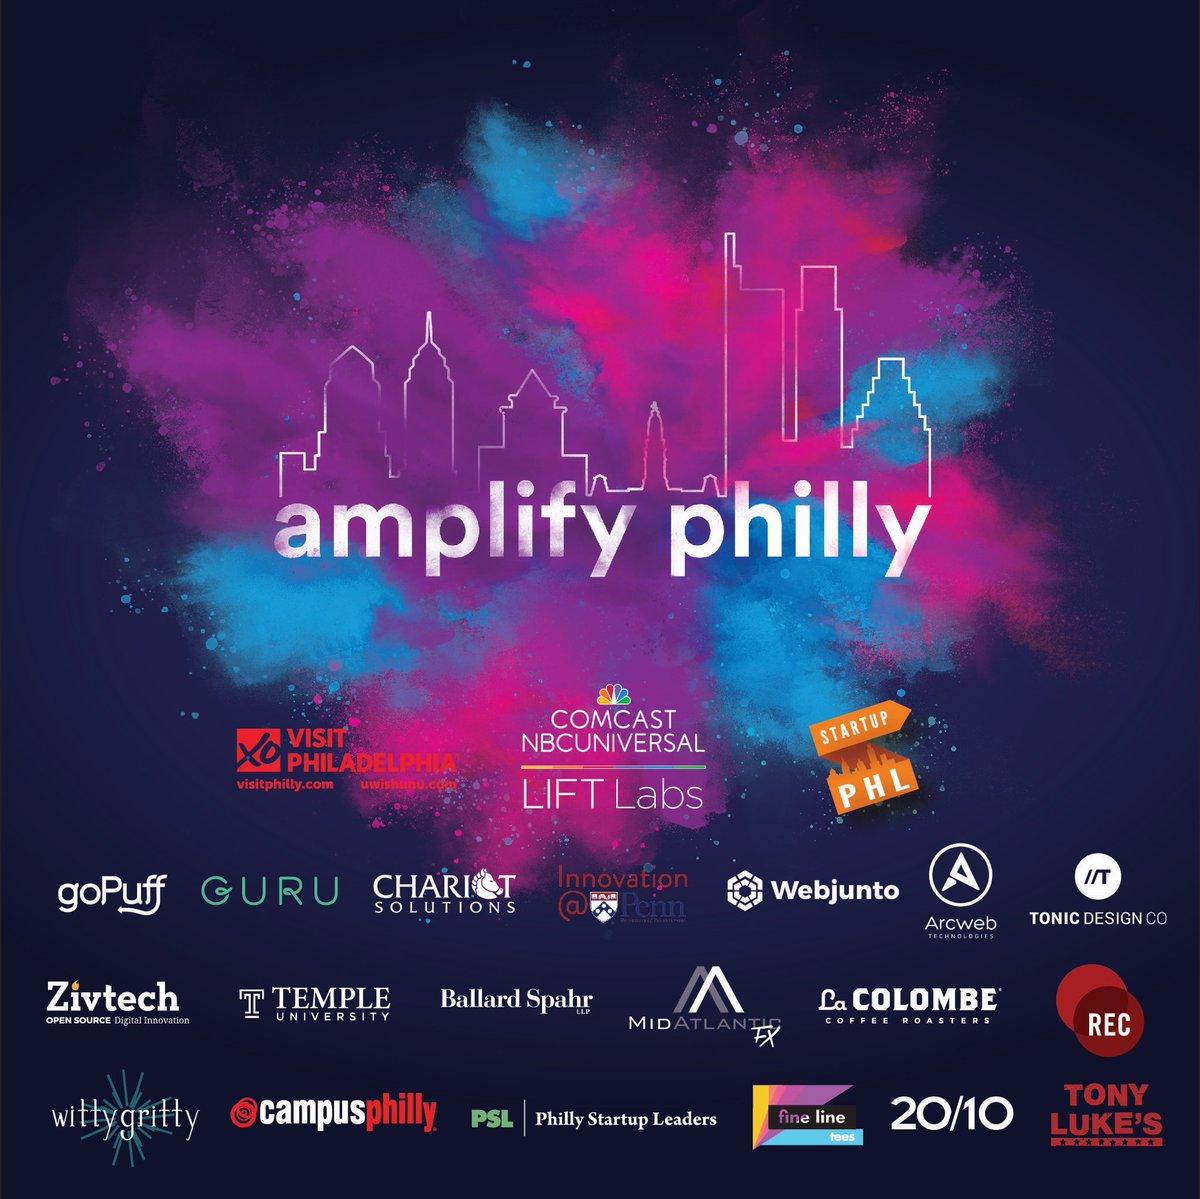 Philly bbw part 2